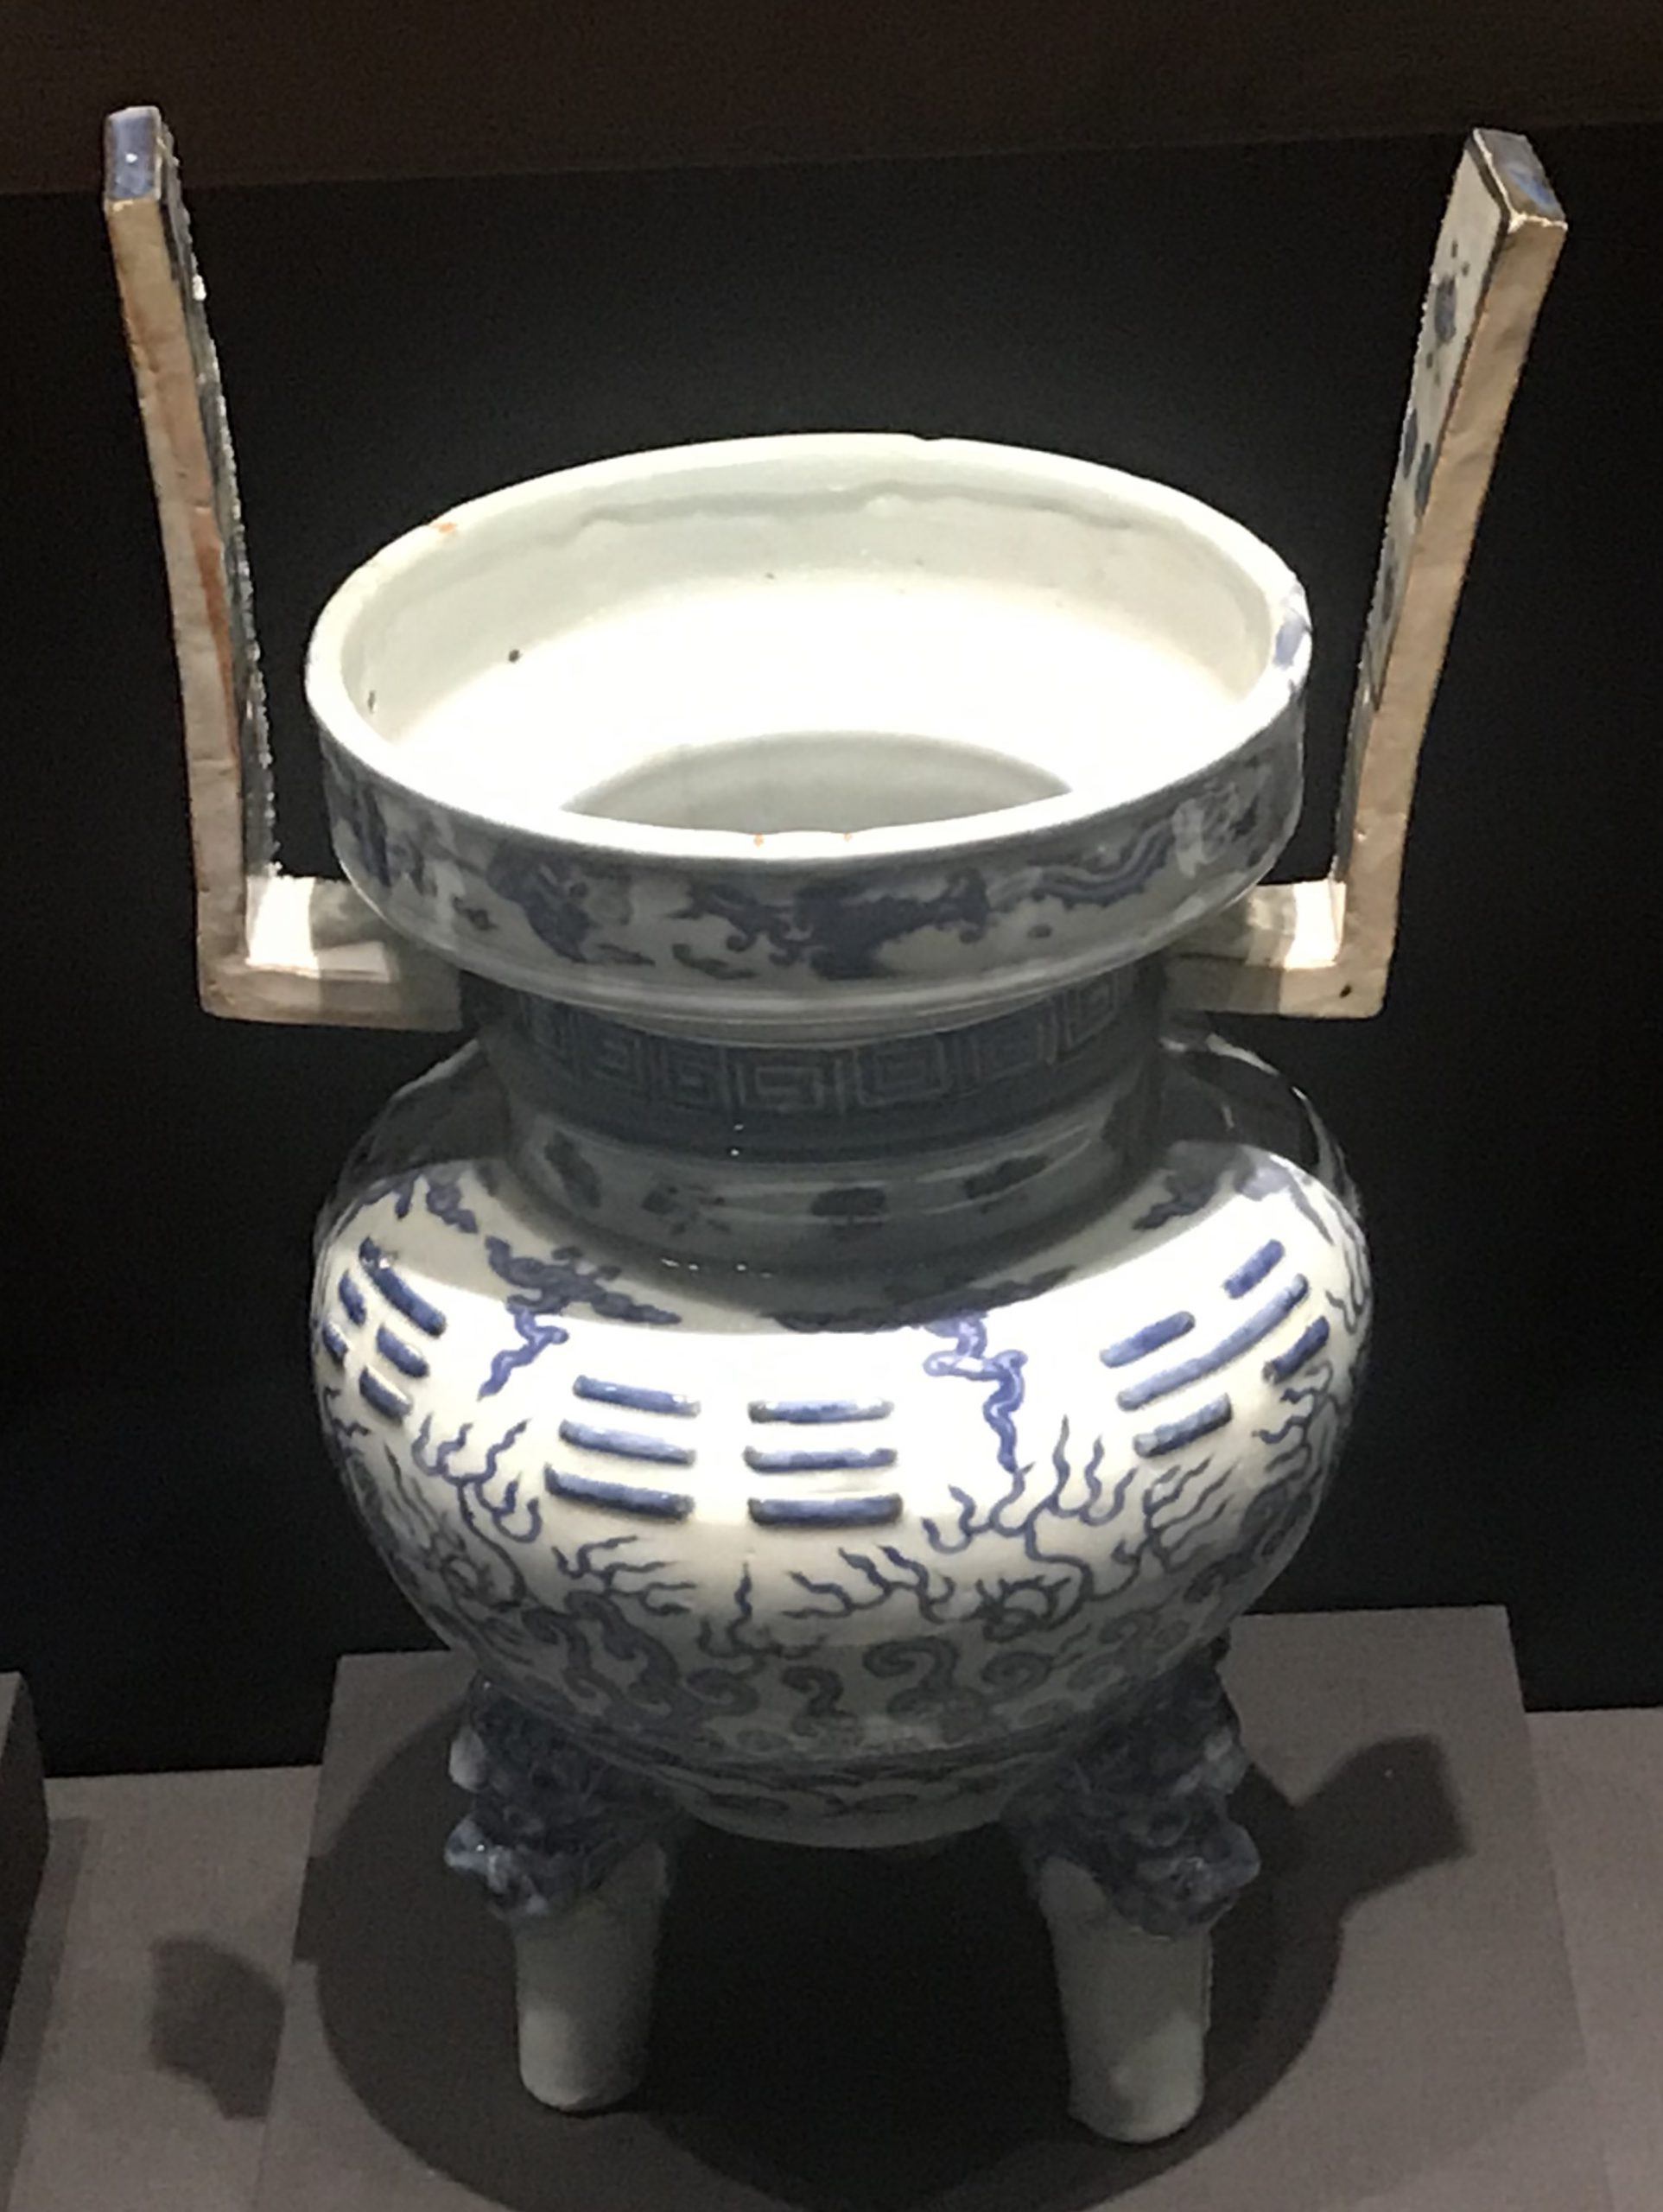 青花梅水八掛紋磁爐-明清時代-常設展F3-成都博物館